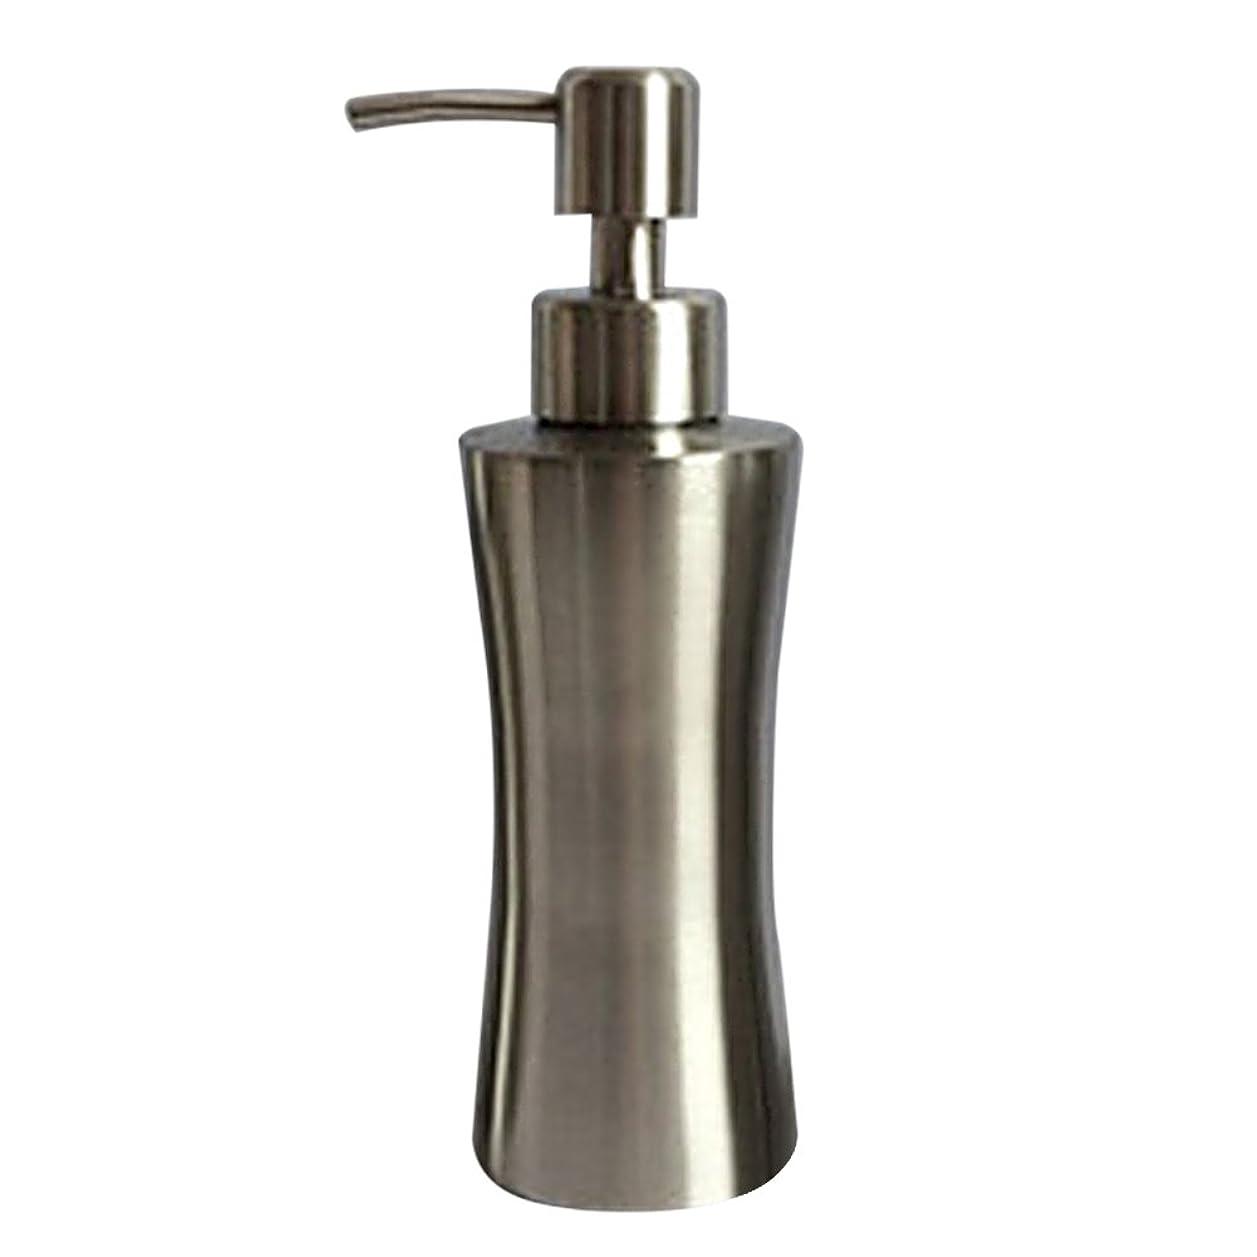 楽観否認する独裁ディスペンサー ステンレス ボトル 容器 ソープ 石鹸 シャンプー 手洗いボトル 耐久性 錆びない 220ml/250ml/400ml (B:250ml)